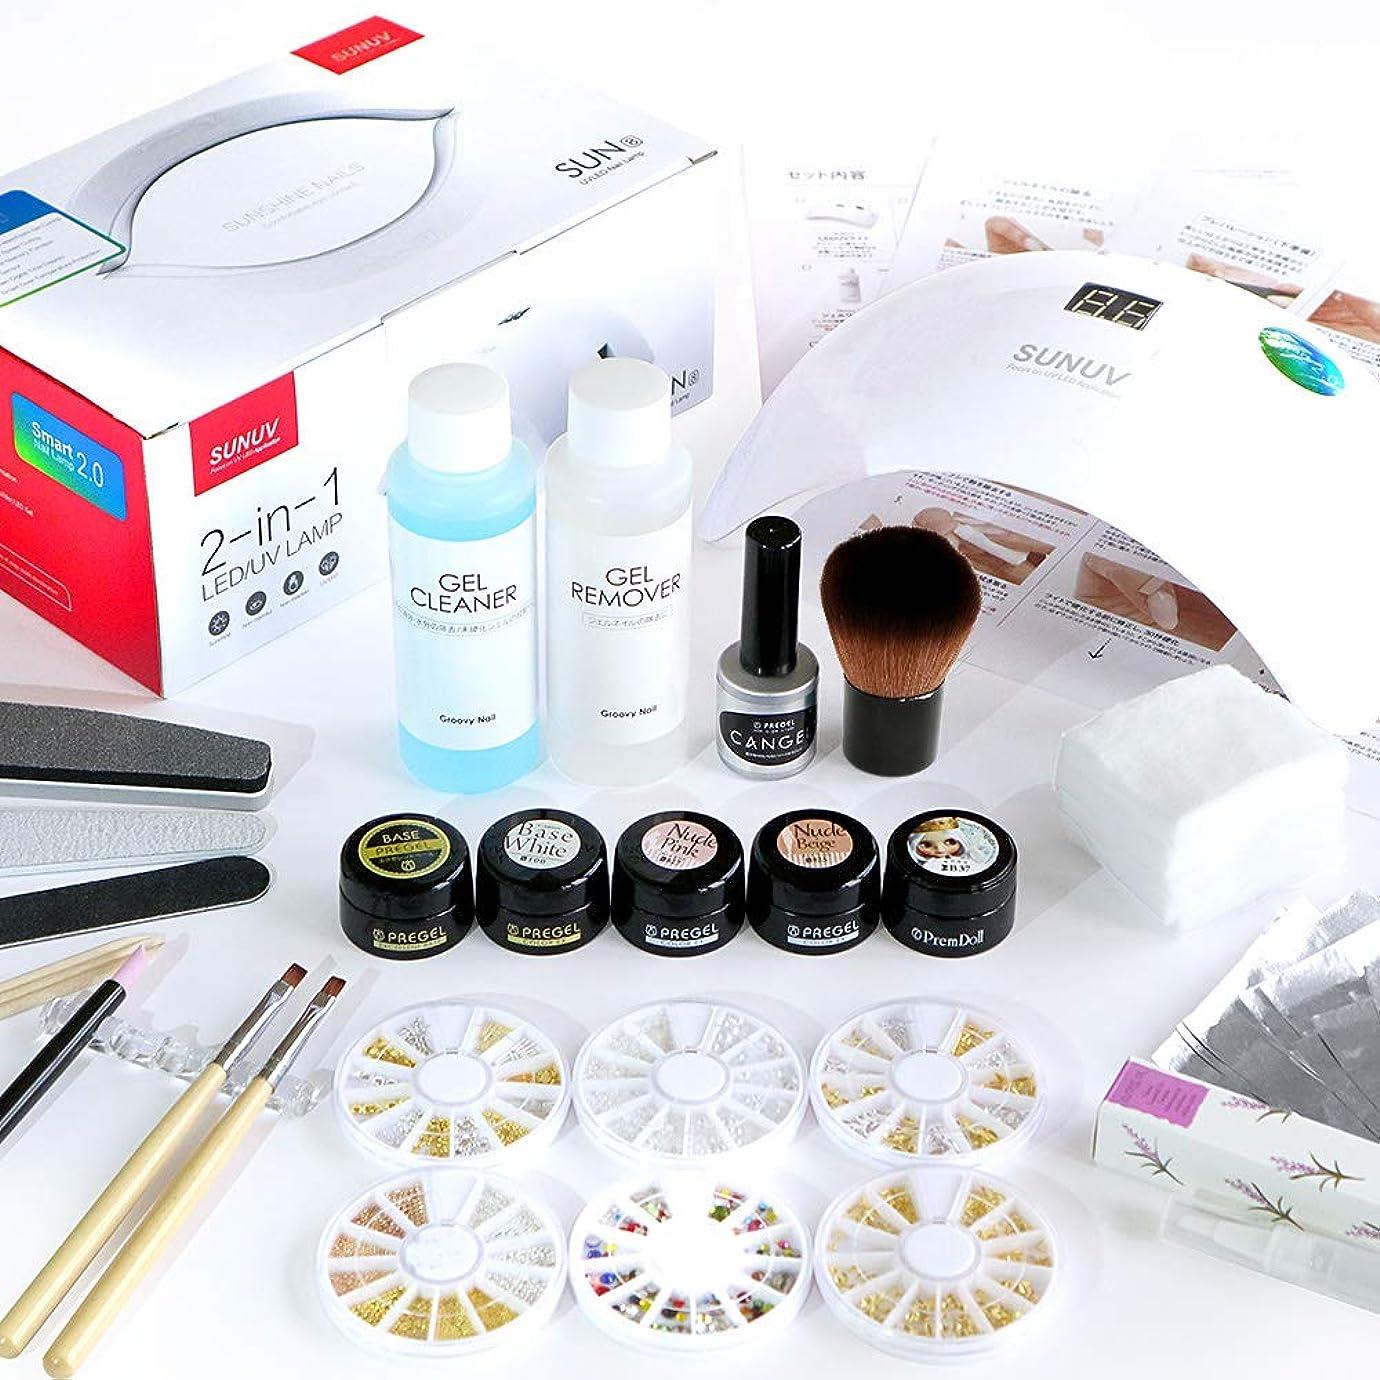 モンスター密度歌うPREGEL プリジェル ジェルネイル スターターキット 日本製カラージェル4色+LEDライト48W ネイルアート 初心者におすすめ